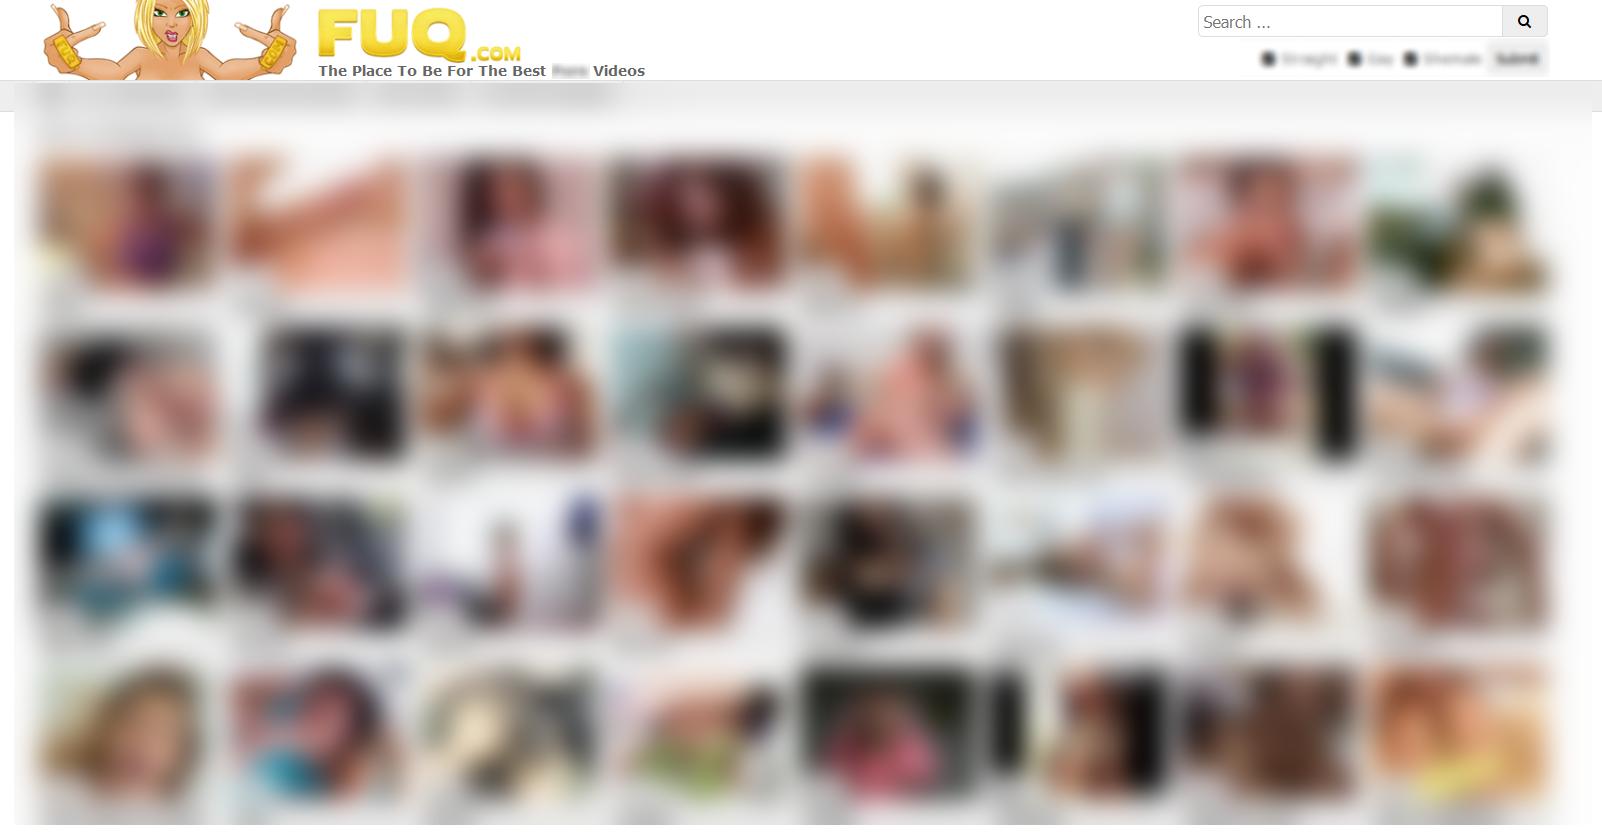 Fuq.com Hijacker